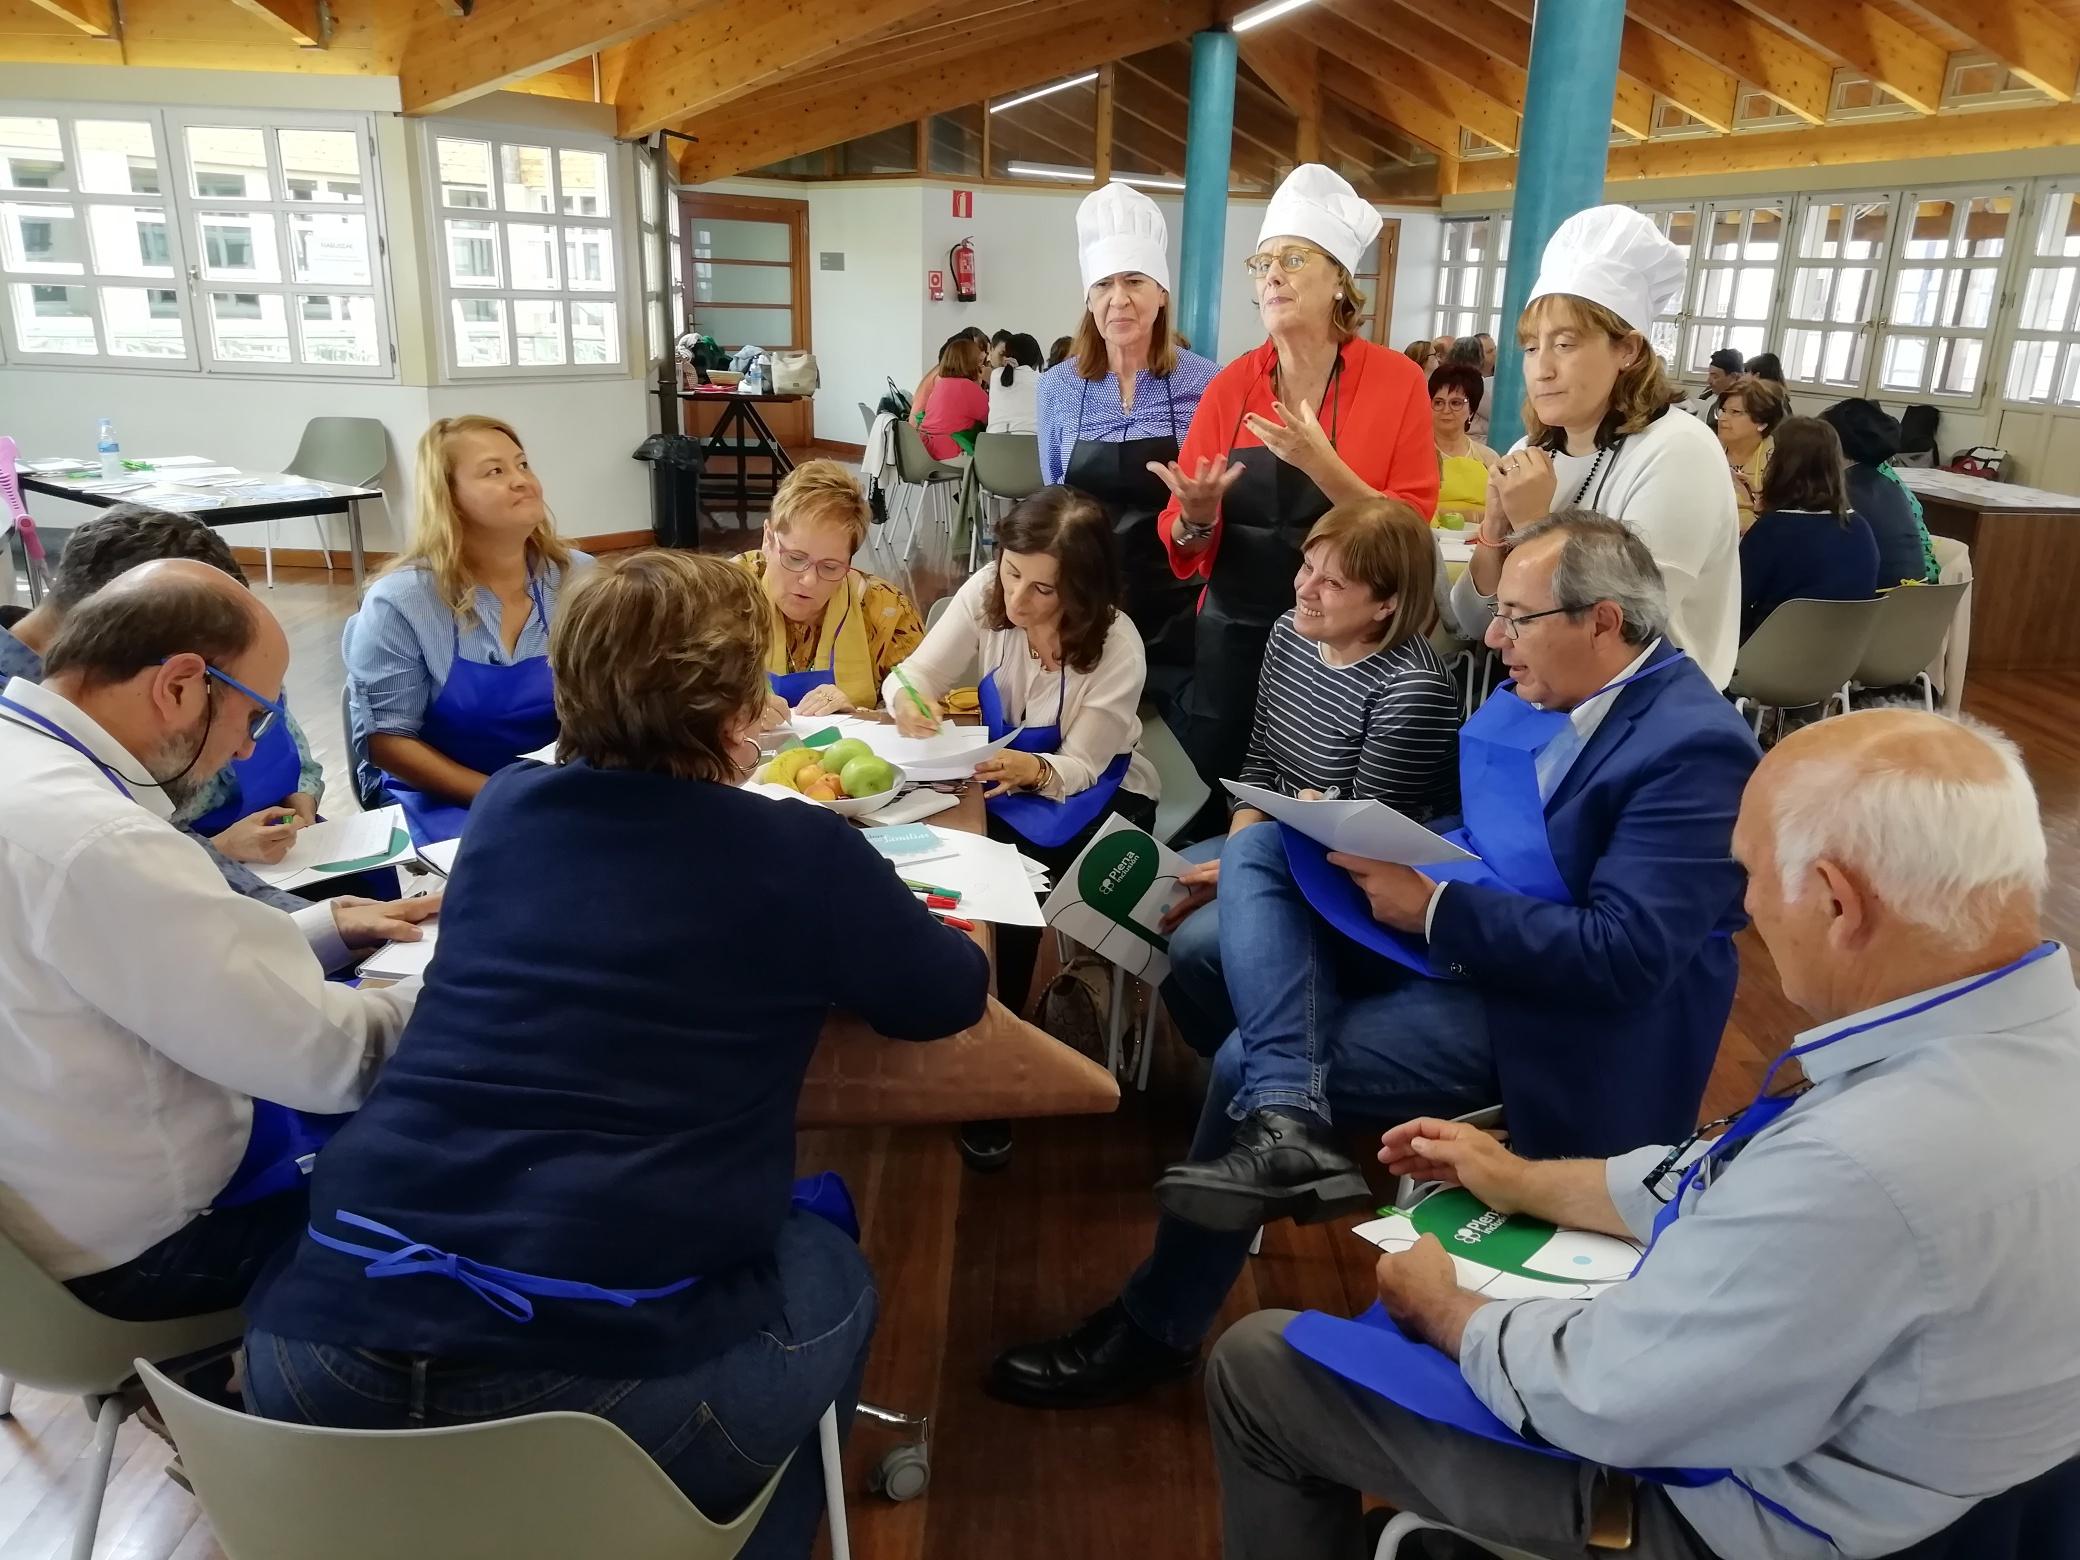 Trabajo de grupo en la dinámica 'máster chef' en Escuchando Voces Familiares